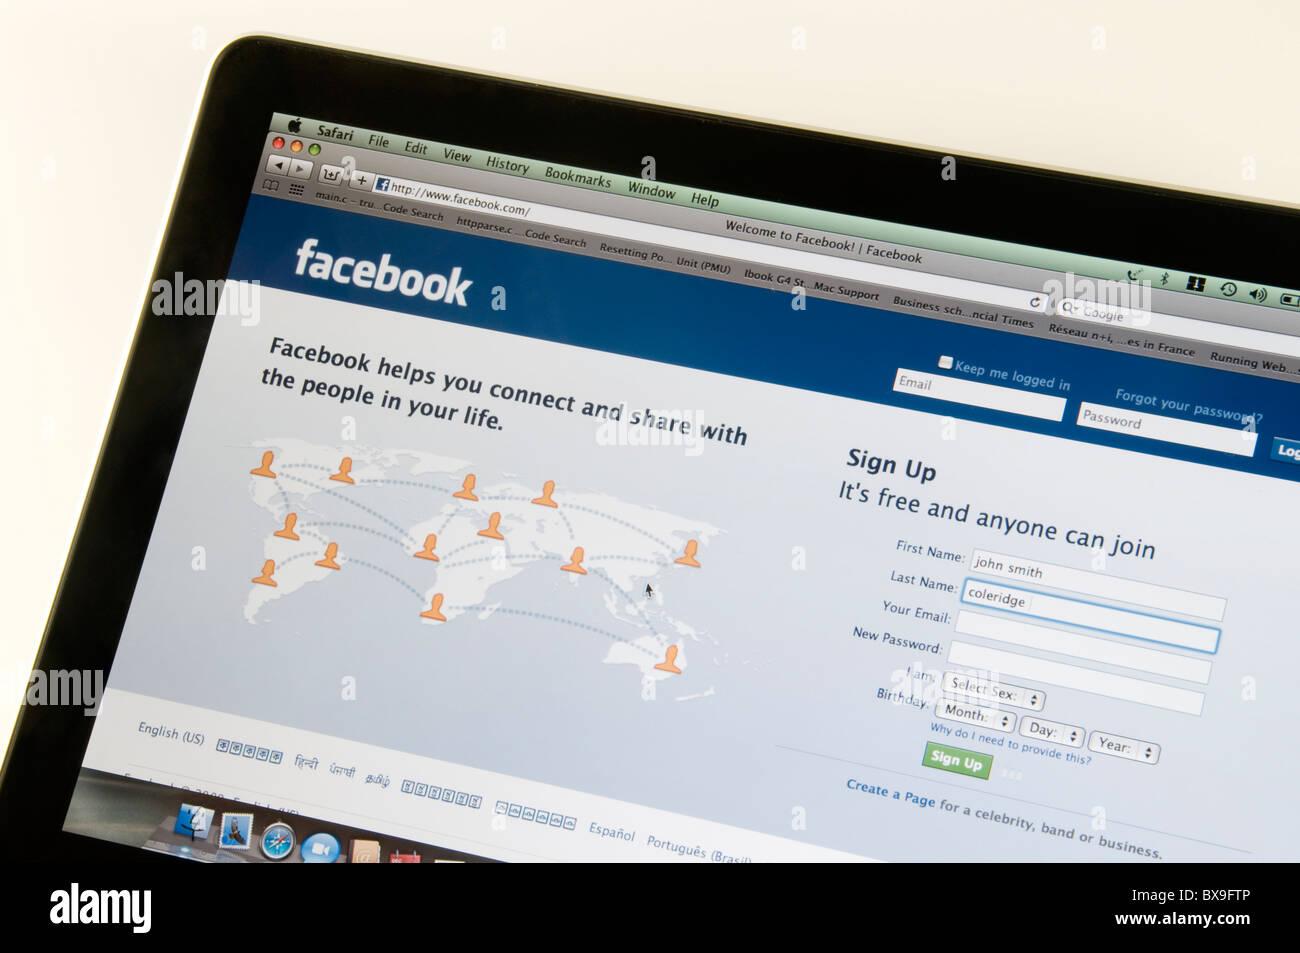 Captura de pantalla de la página de inicio de facebook Imagen De Stock